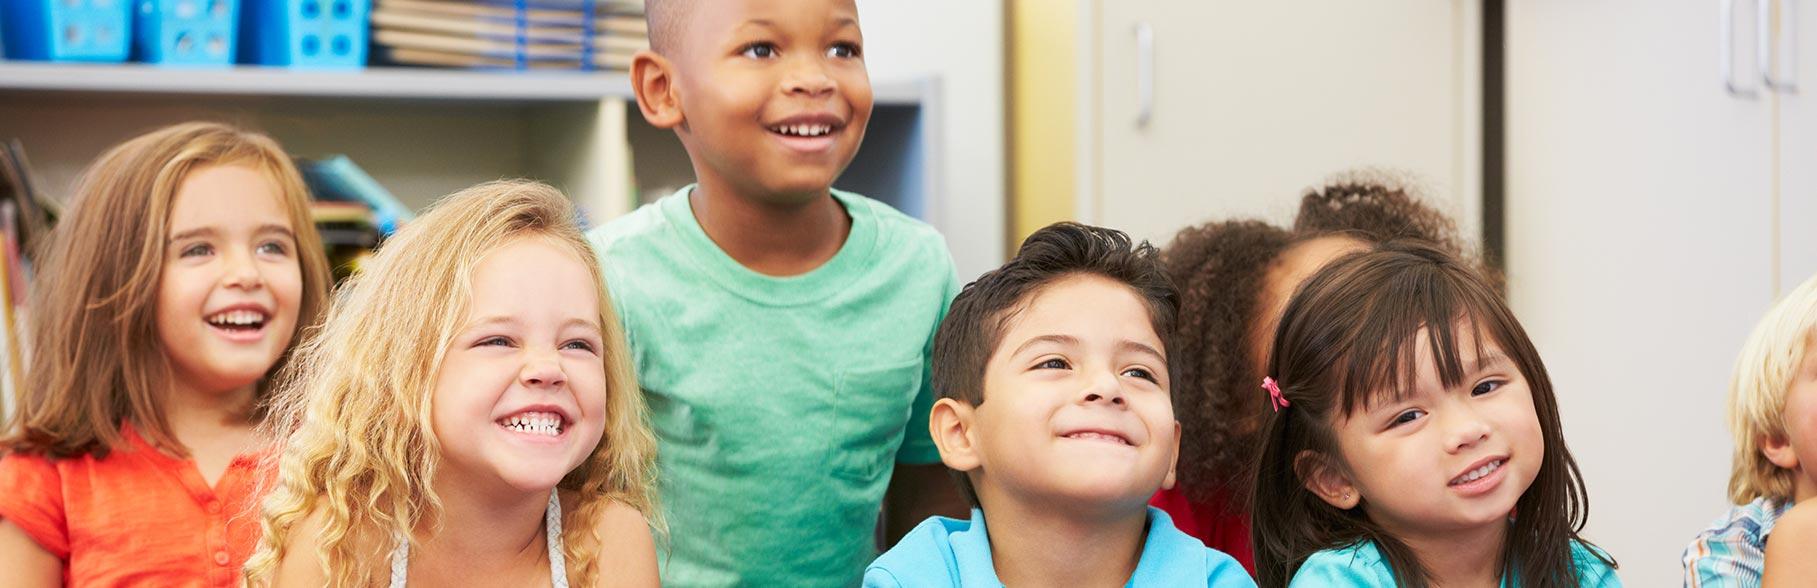 Inspiring Hope In Kc Children Together